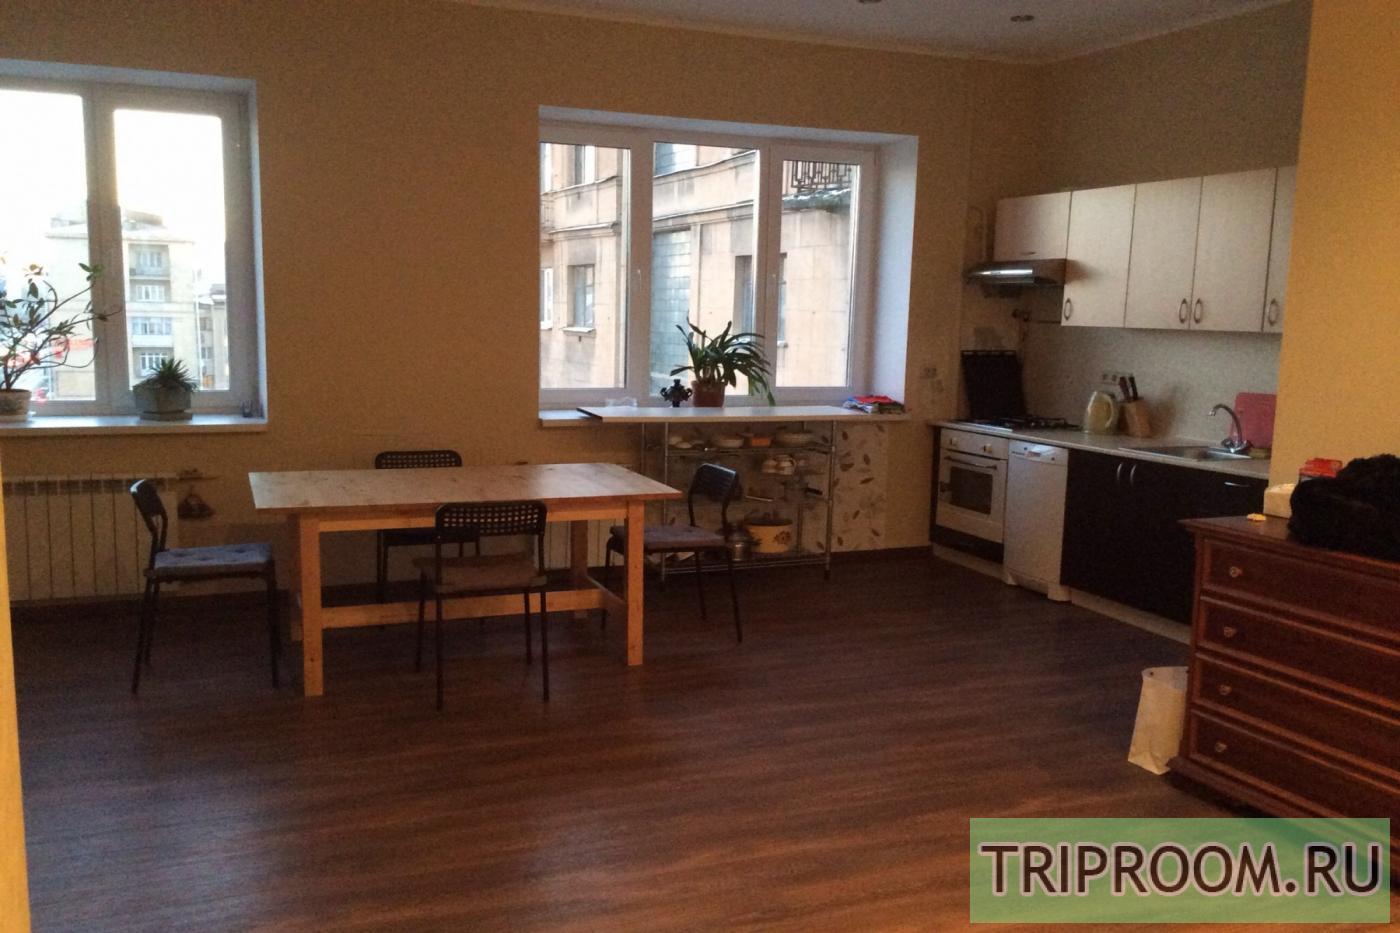 2-комнатная квартира посуточно (вариант № 32172), ул. Лесной, фото № 6